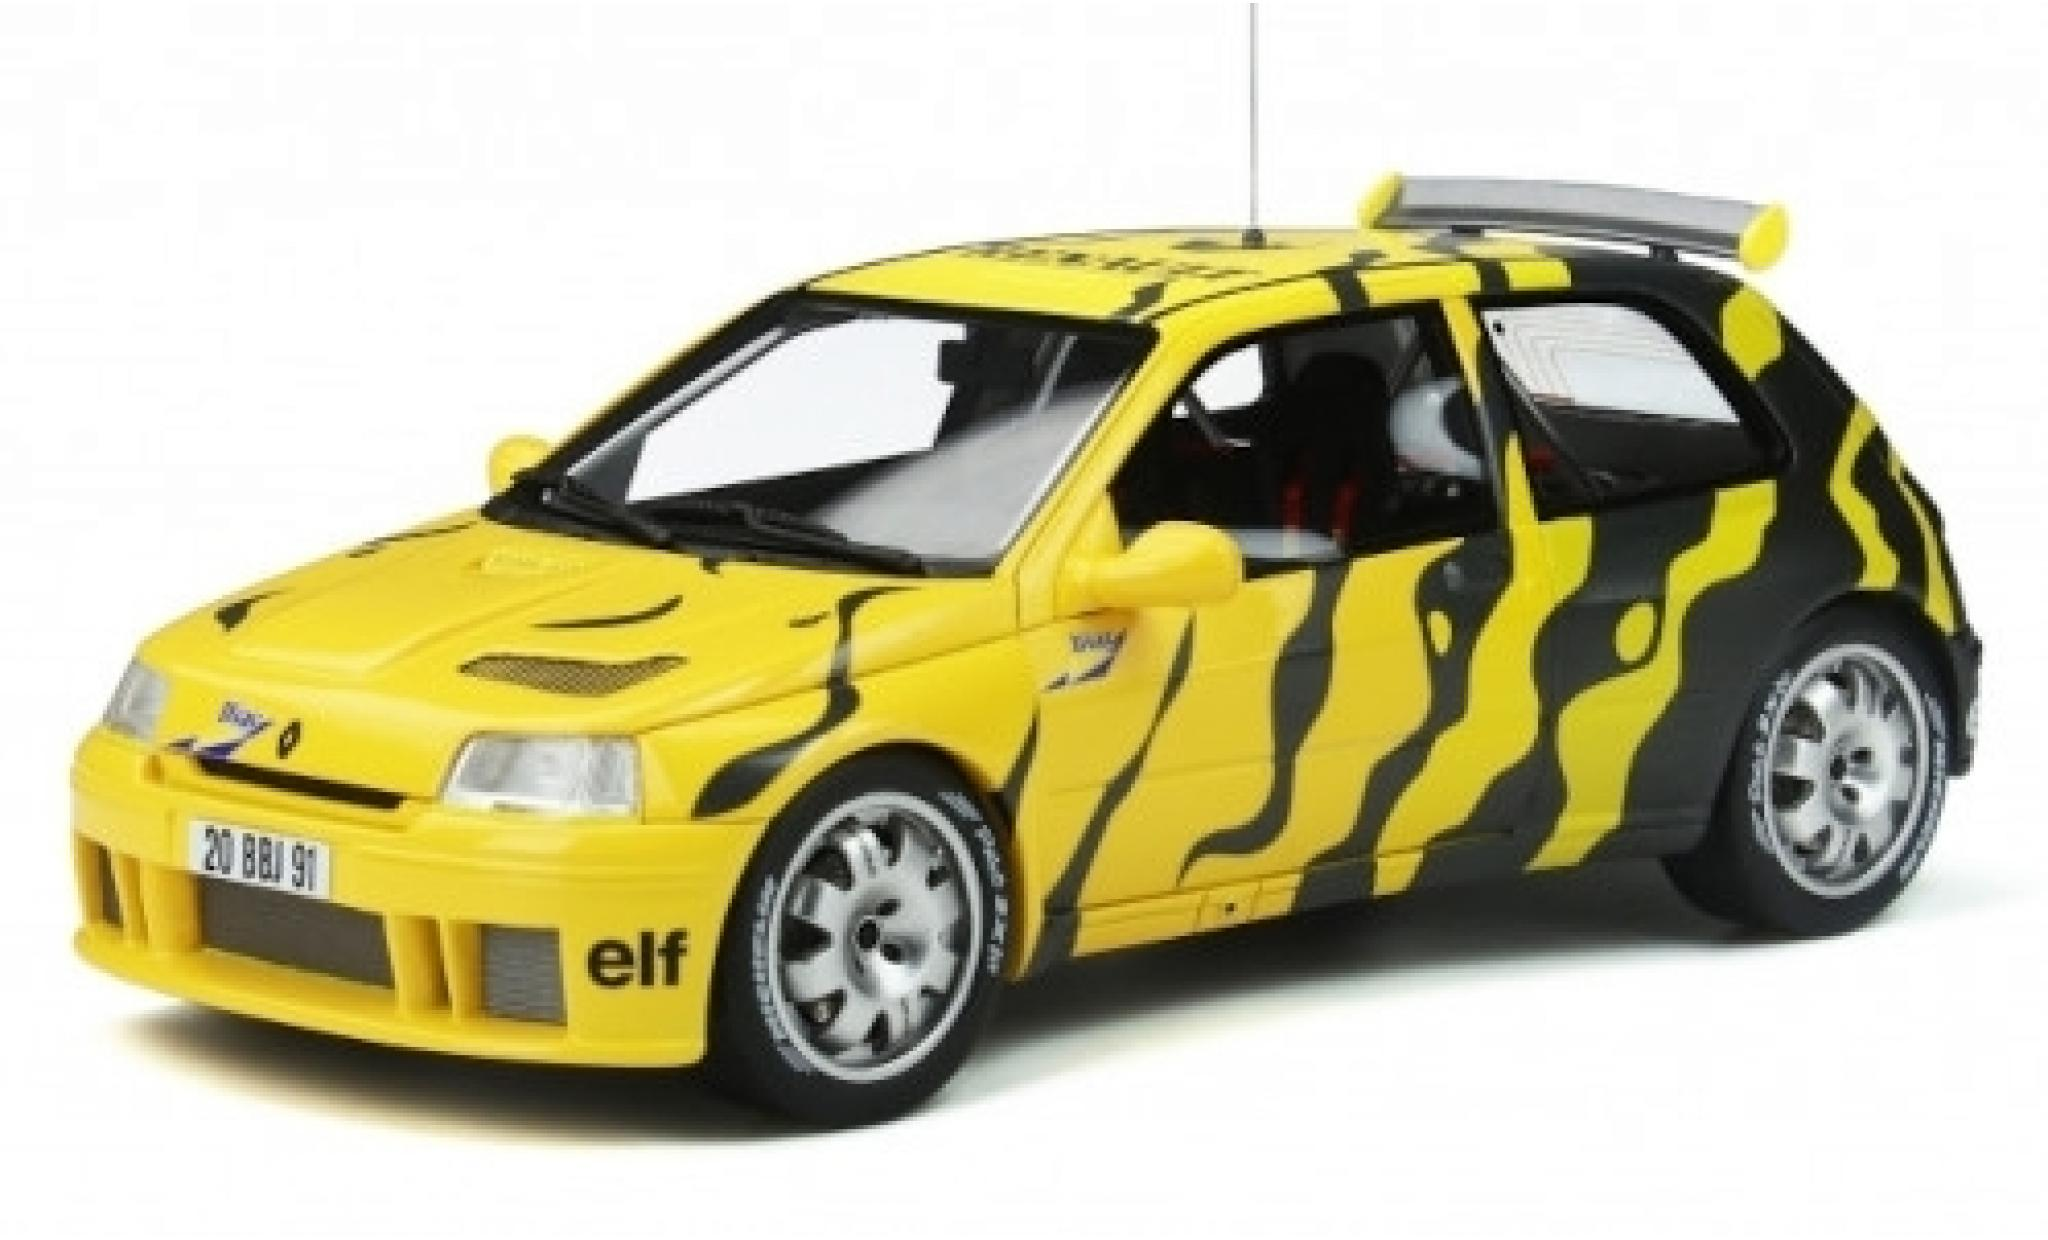 Renault Clio 1/18 Ottomobile Maxi jaune/noire Diac 1995 véhicule de présentation